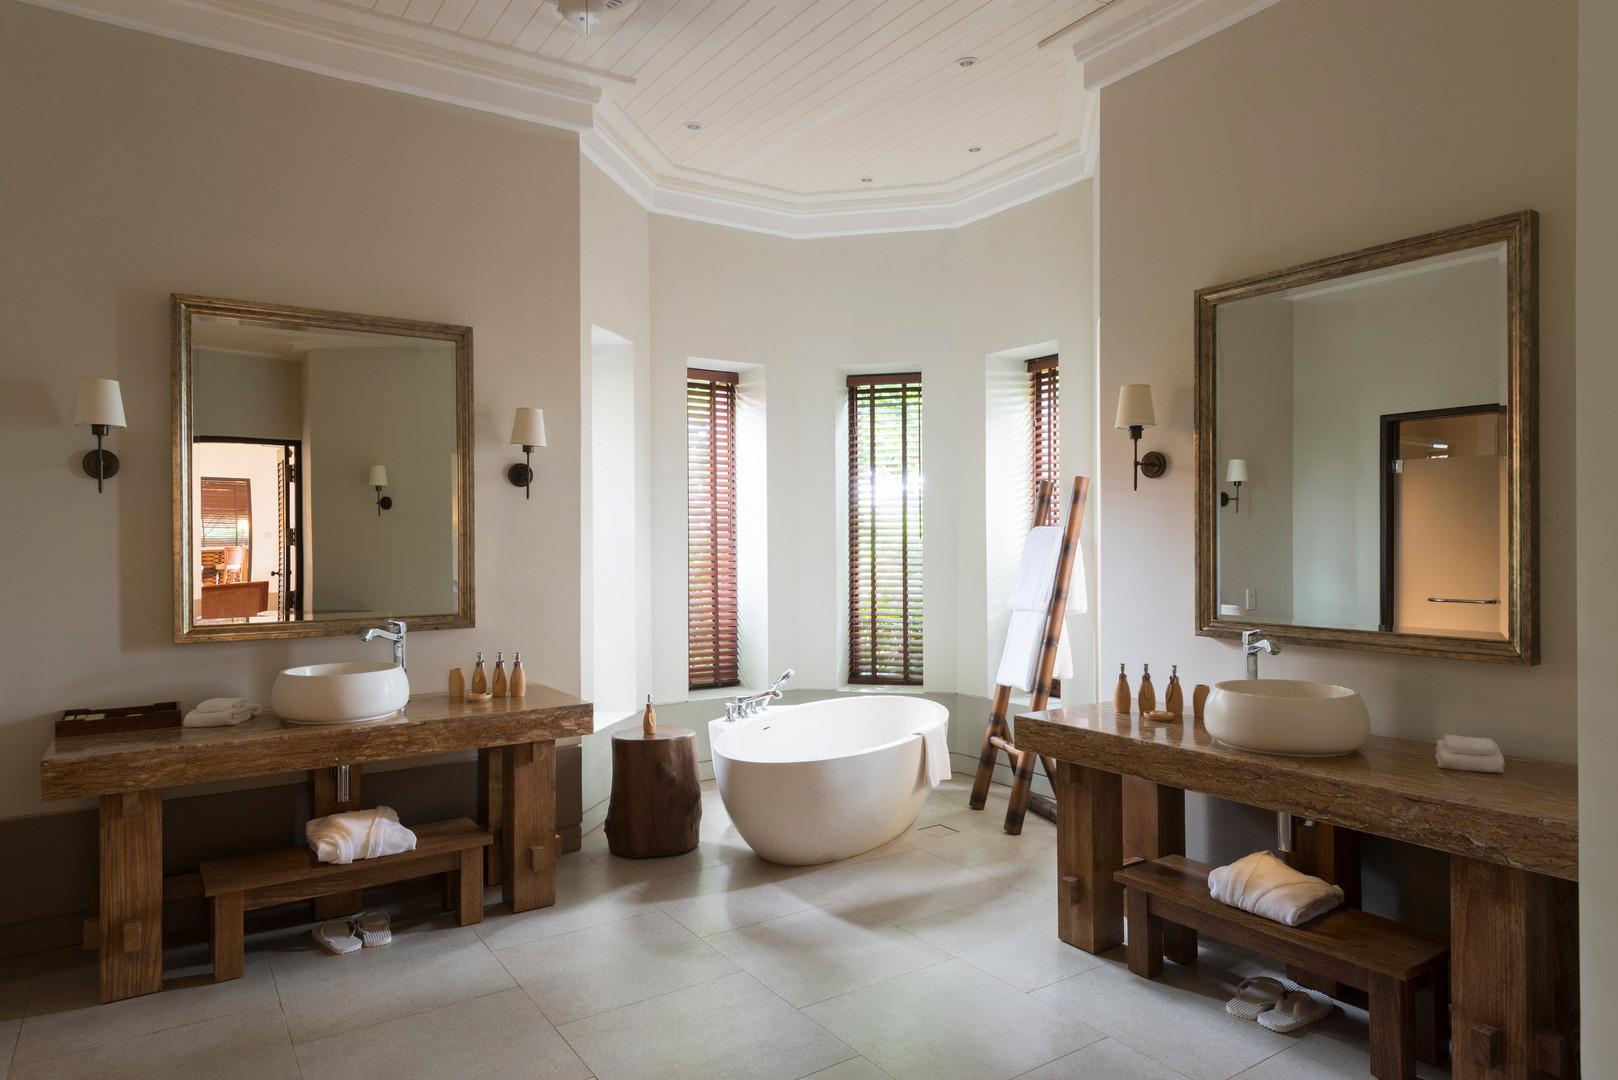 duplex_2_bedroom_cape_pool_villa_bathroo